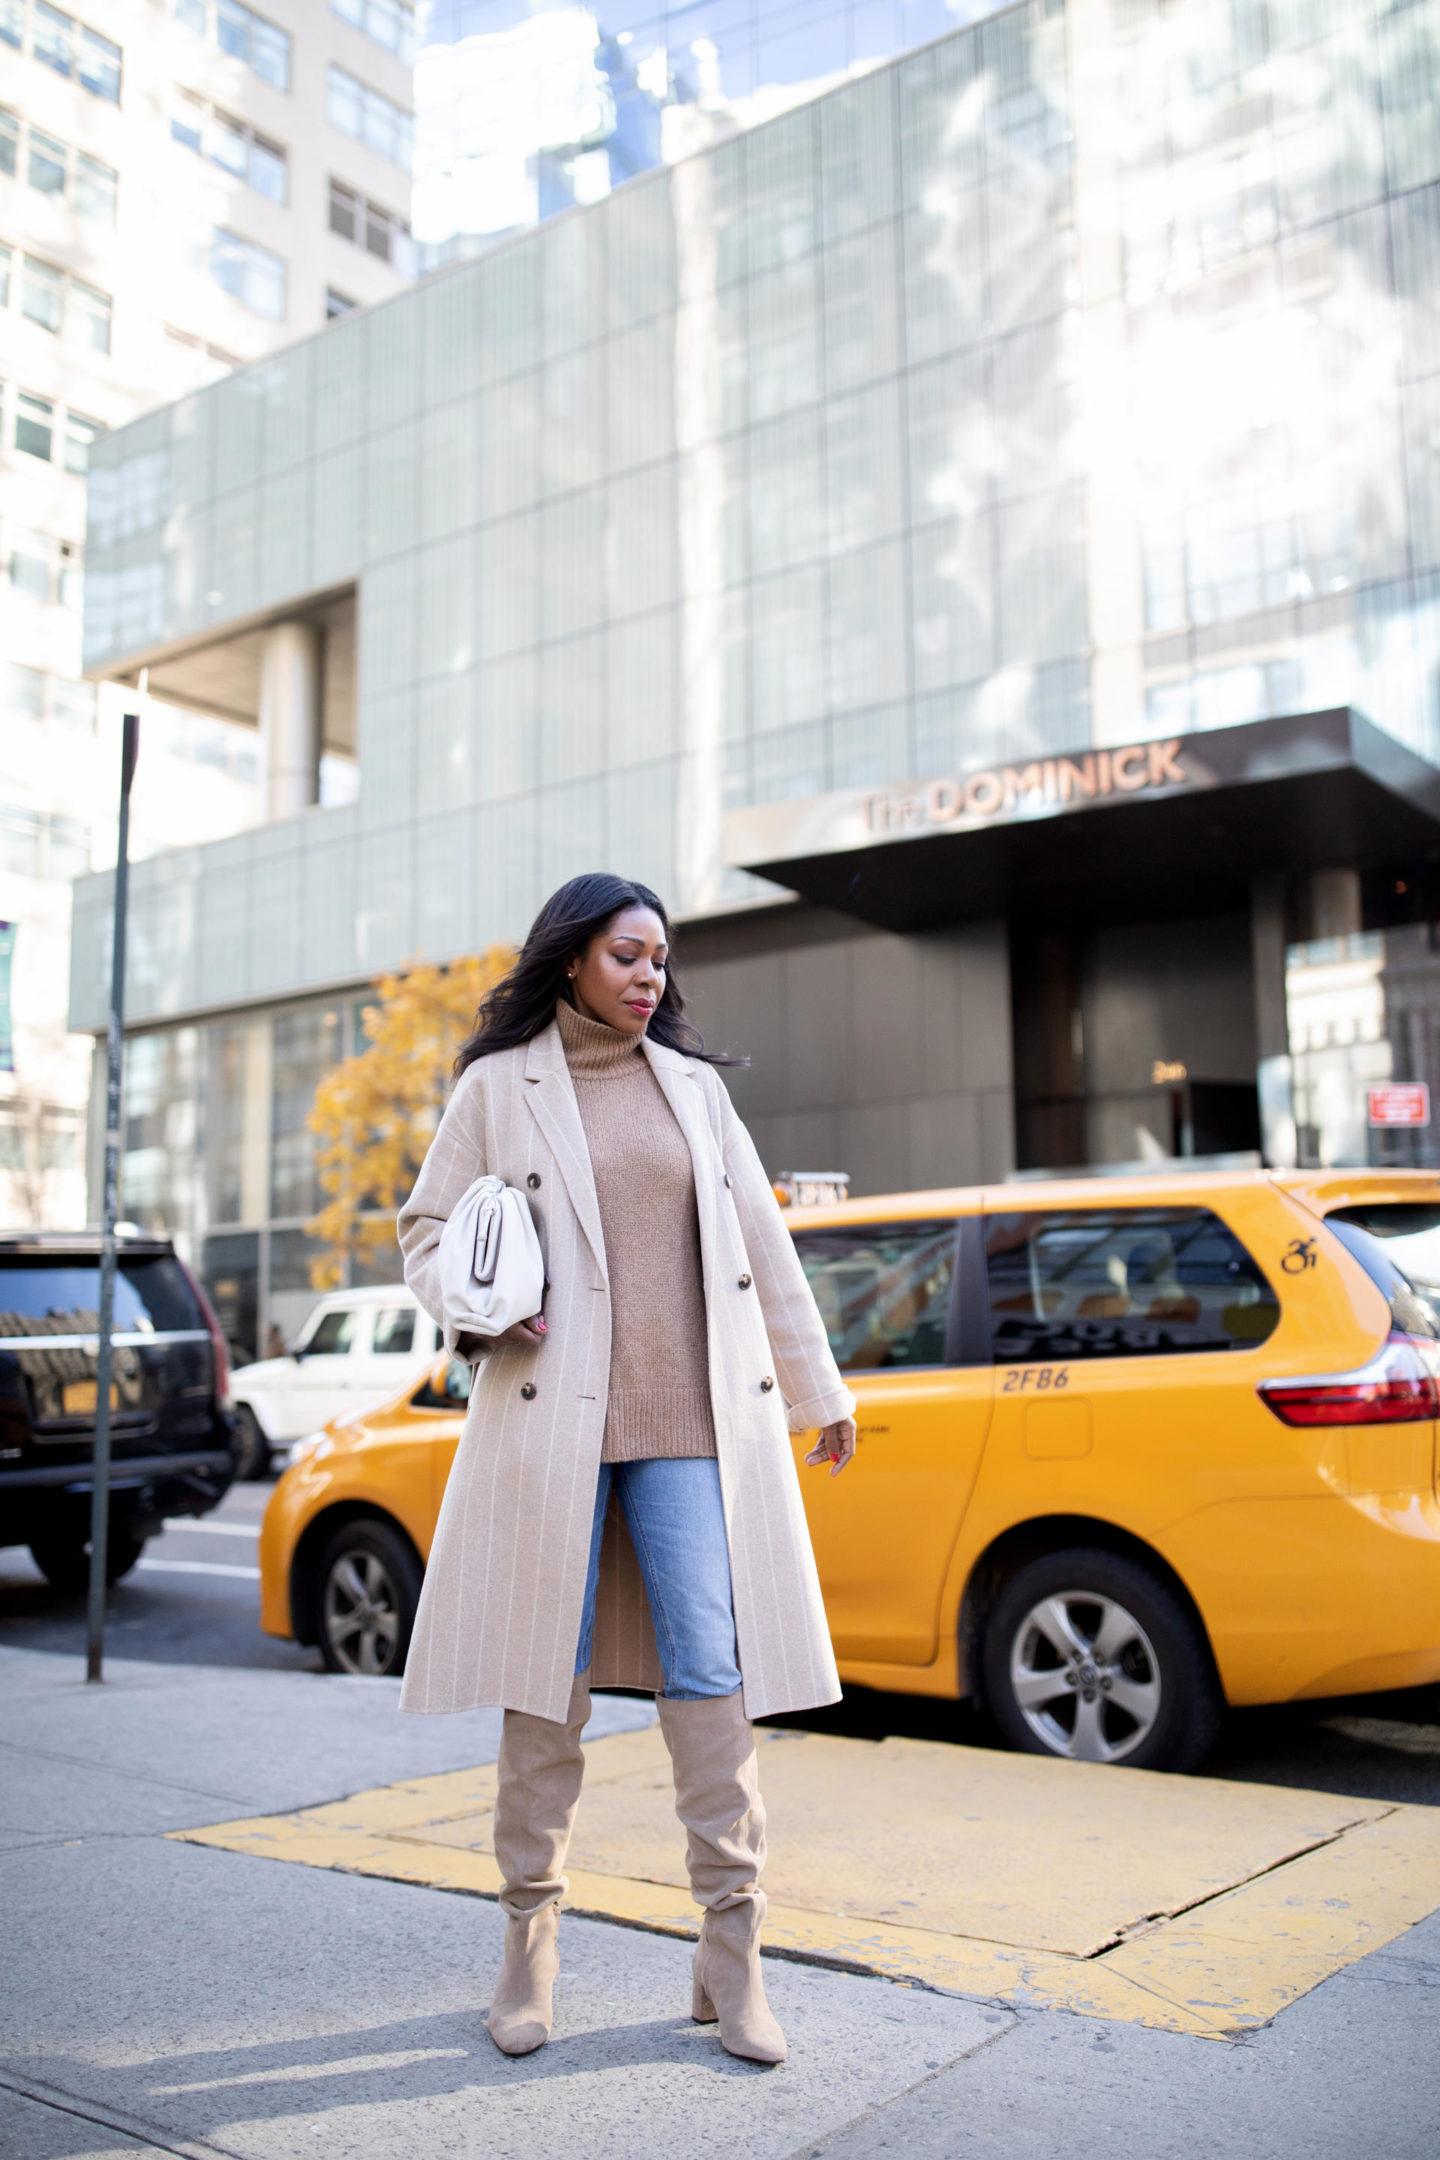 Dominique Baker walking on sidewalk in NYC